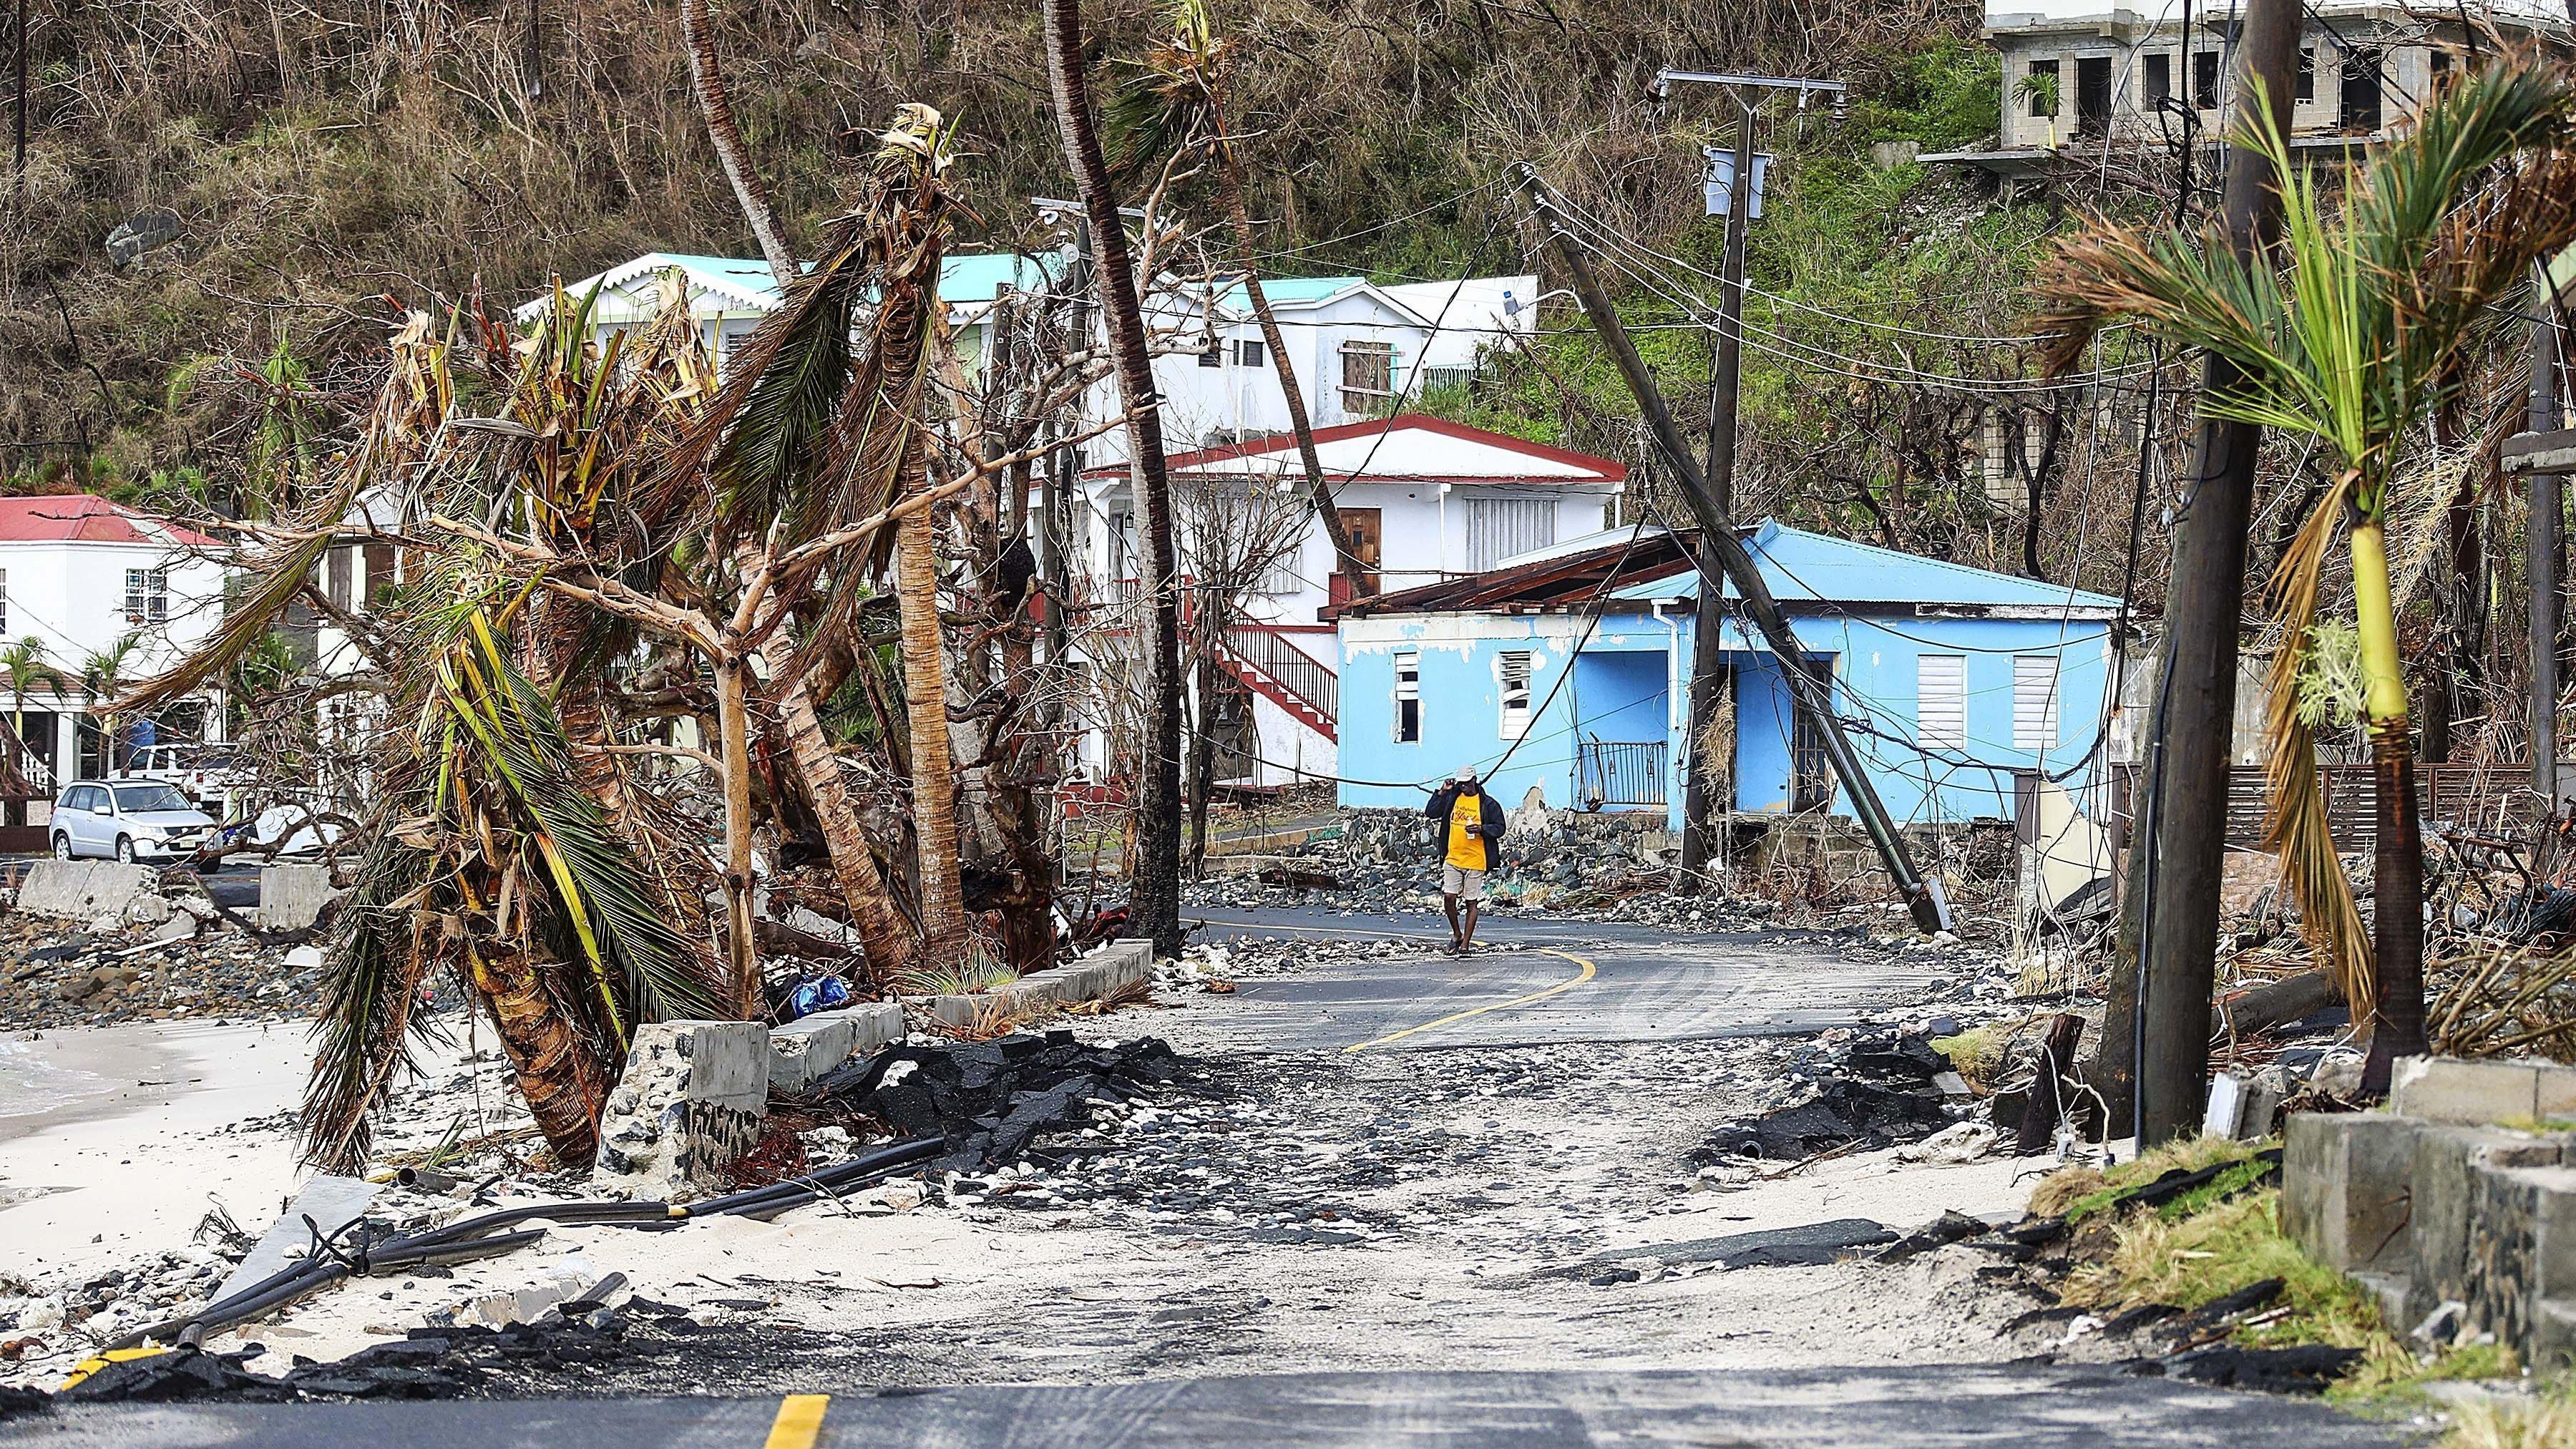 Un veí de Tortola camina pels carrers devastats després del pas de l'huracà Maria a les Illes Verges Britàniques. /BRITISH MINIS